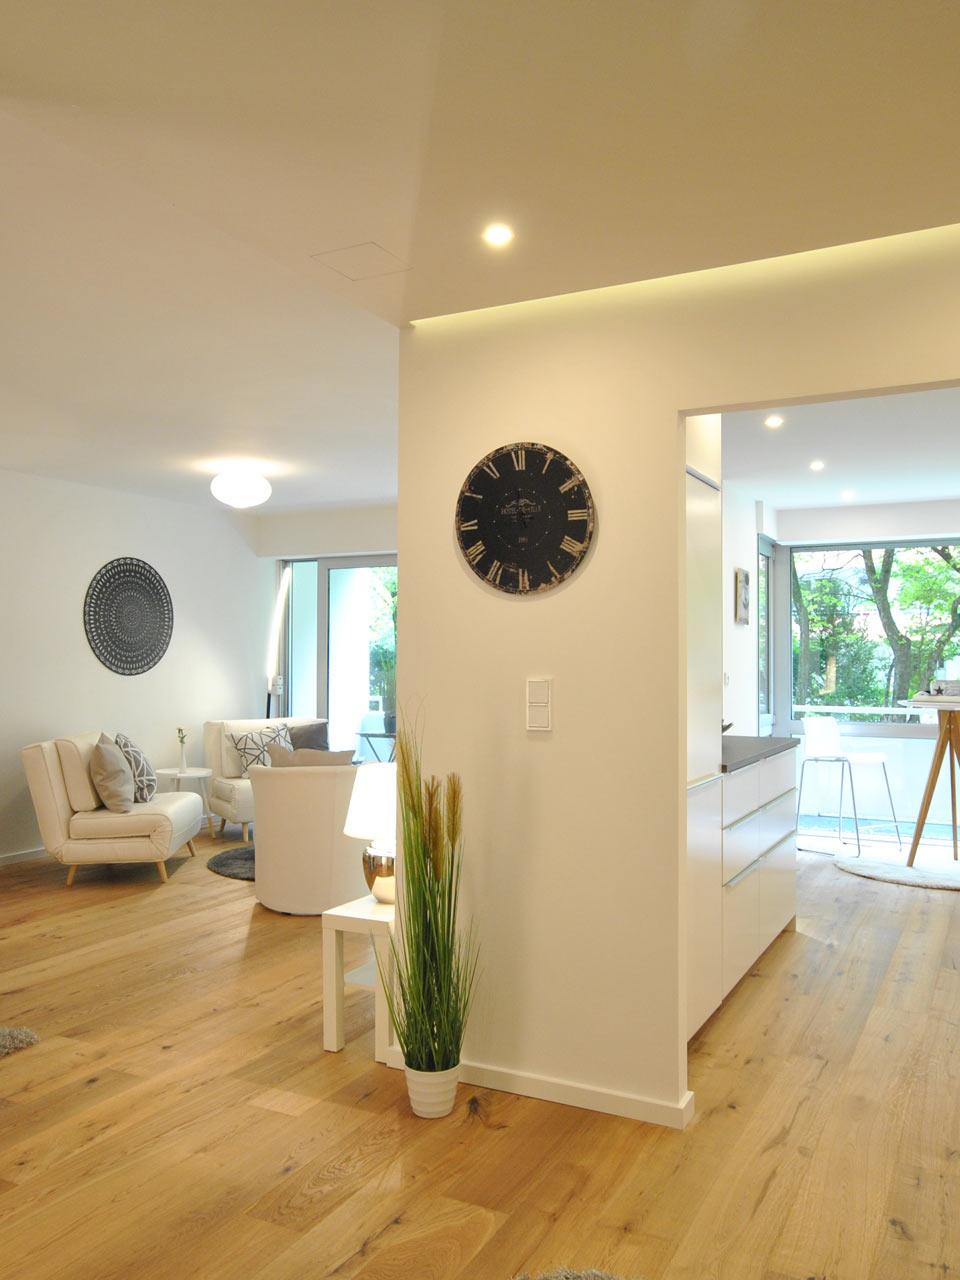 Bestimmung der Räume Wer den Nutzen sieht, erkennt den Wert!